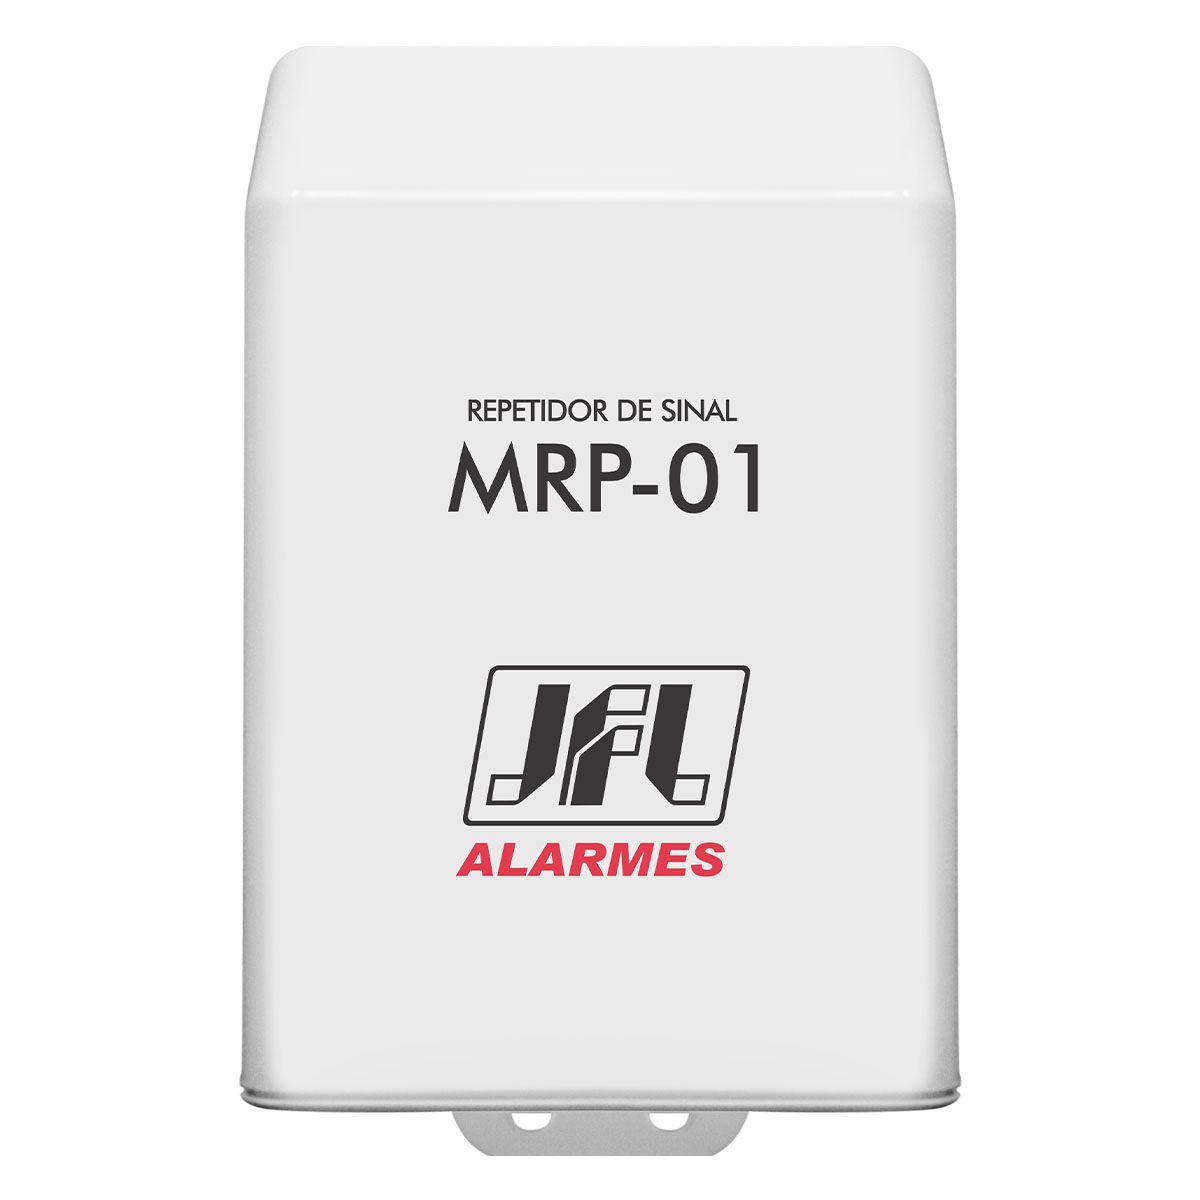 Repetidor de Sinal Para Sensores Active 32 Duo Mrp 01 Jfl